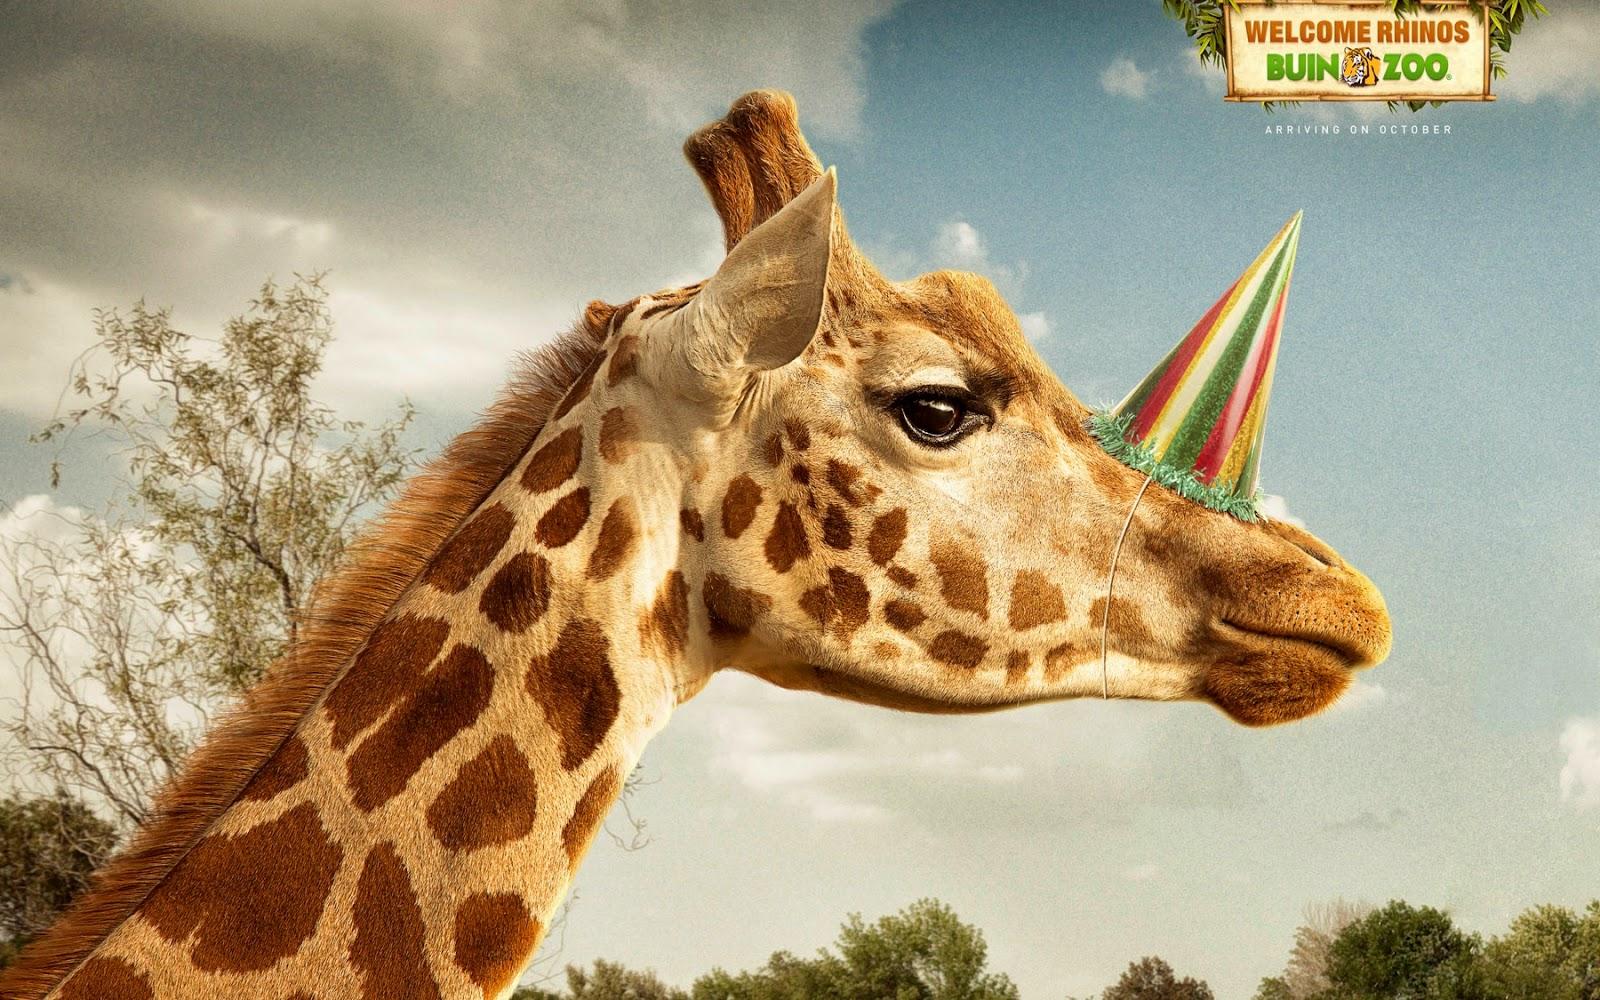 Rinoceronte, Publicidad creativa, Animales y fotos, Fotos con animales, Fiestas y publicidad